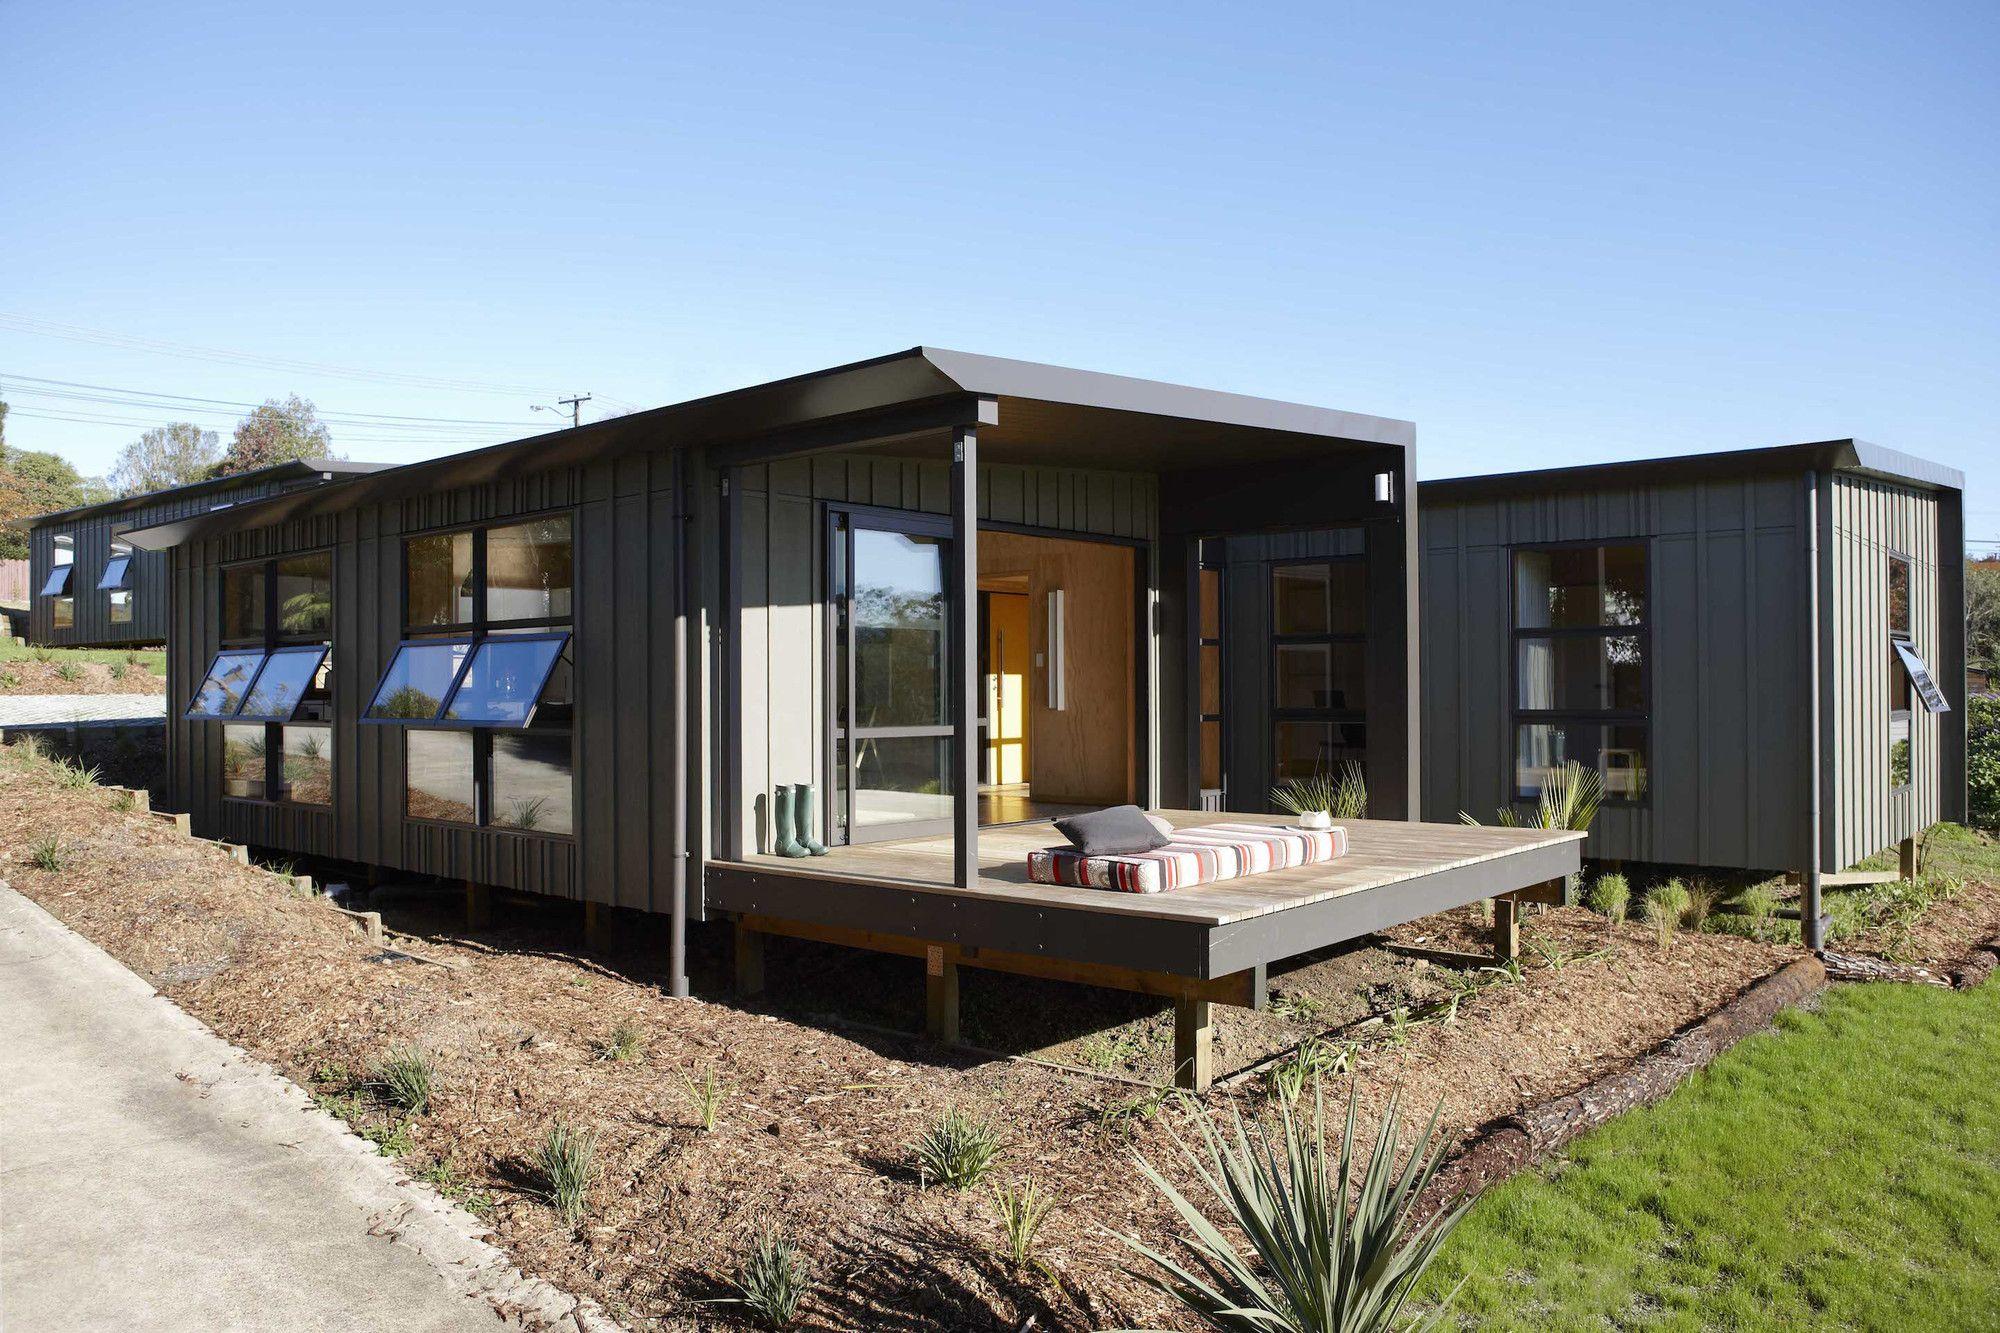 Viviendas Comunitarias Studio 19 Strachan Grupo De Arquitectos Estudio 19 Community Housing Architecture Architect